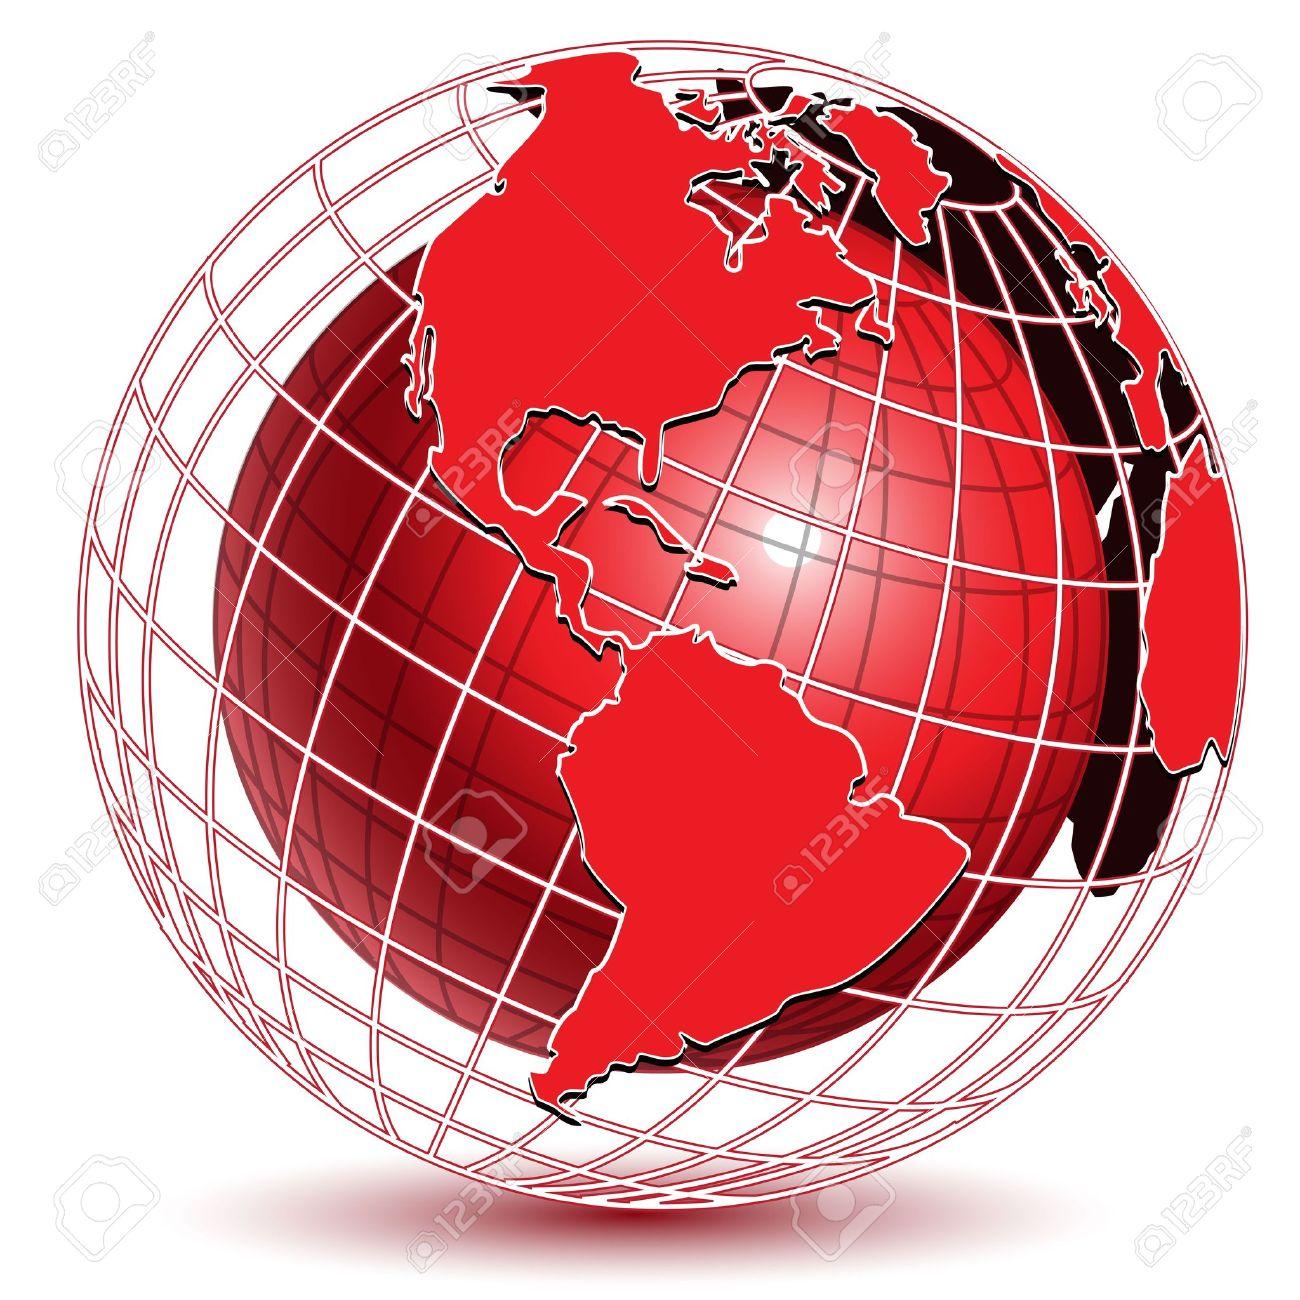 ===El mundo en colores=== 10919783-ilustraci-n-mundo-abstracto-de-color-rojo-sobre-fondo-blanco-Foto-de-archivo